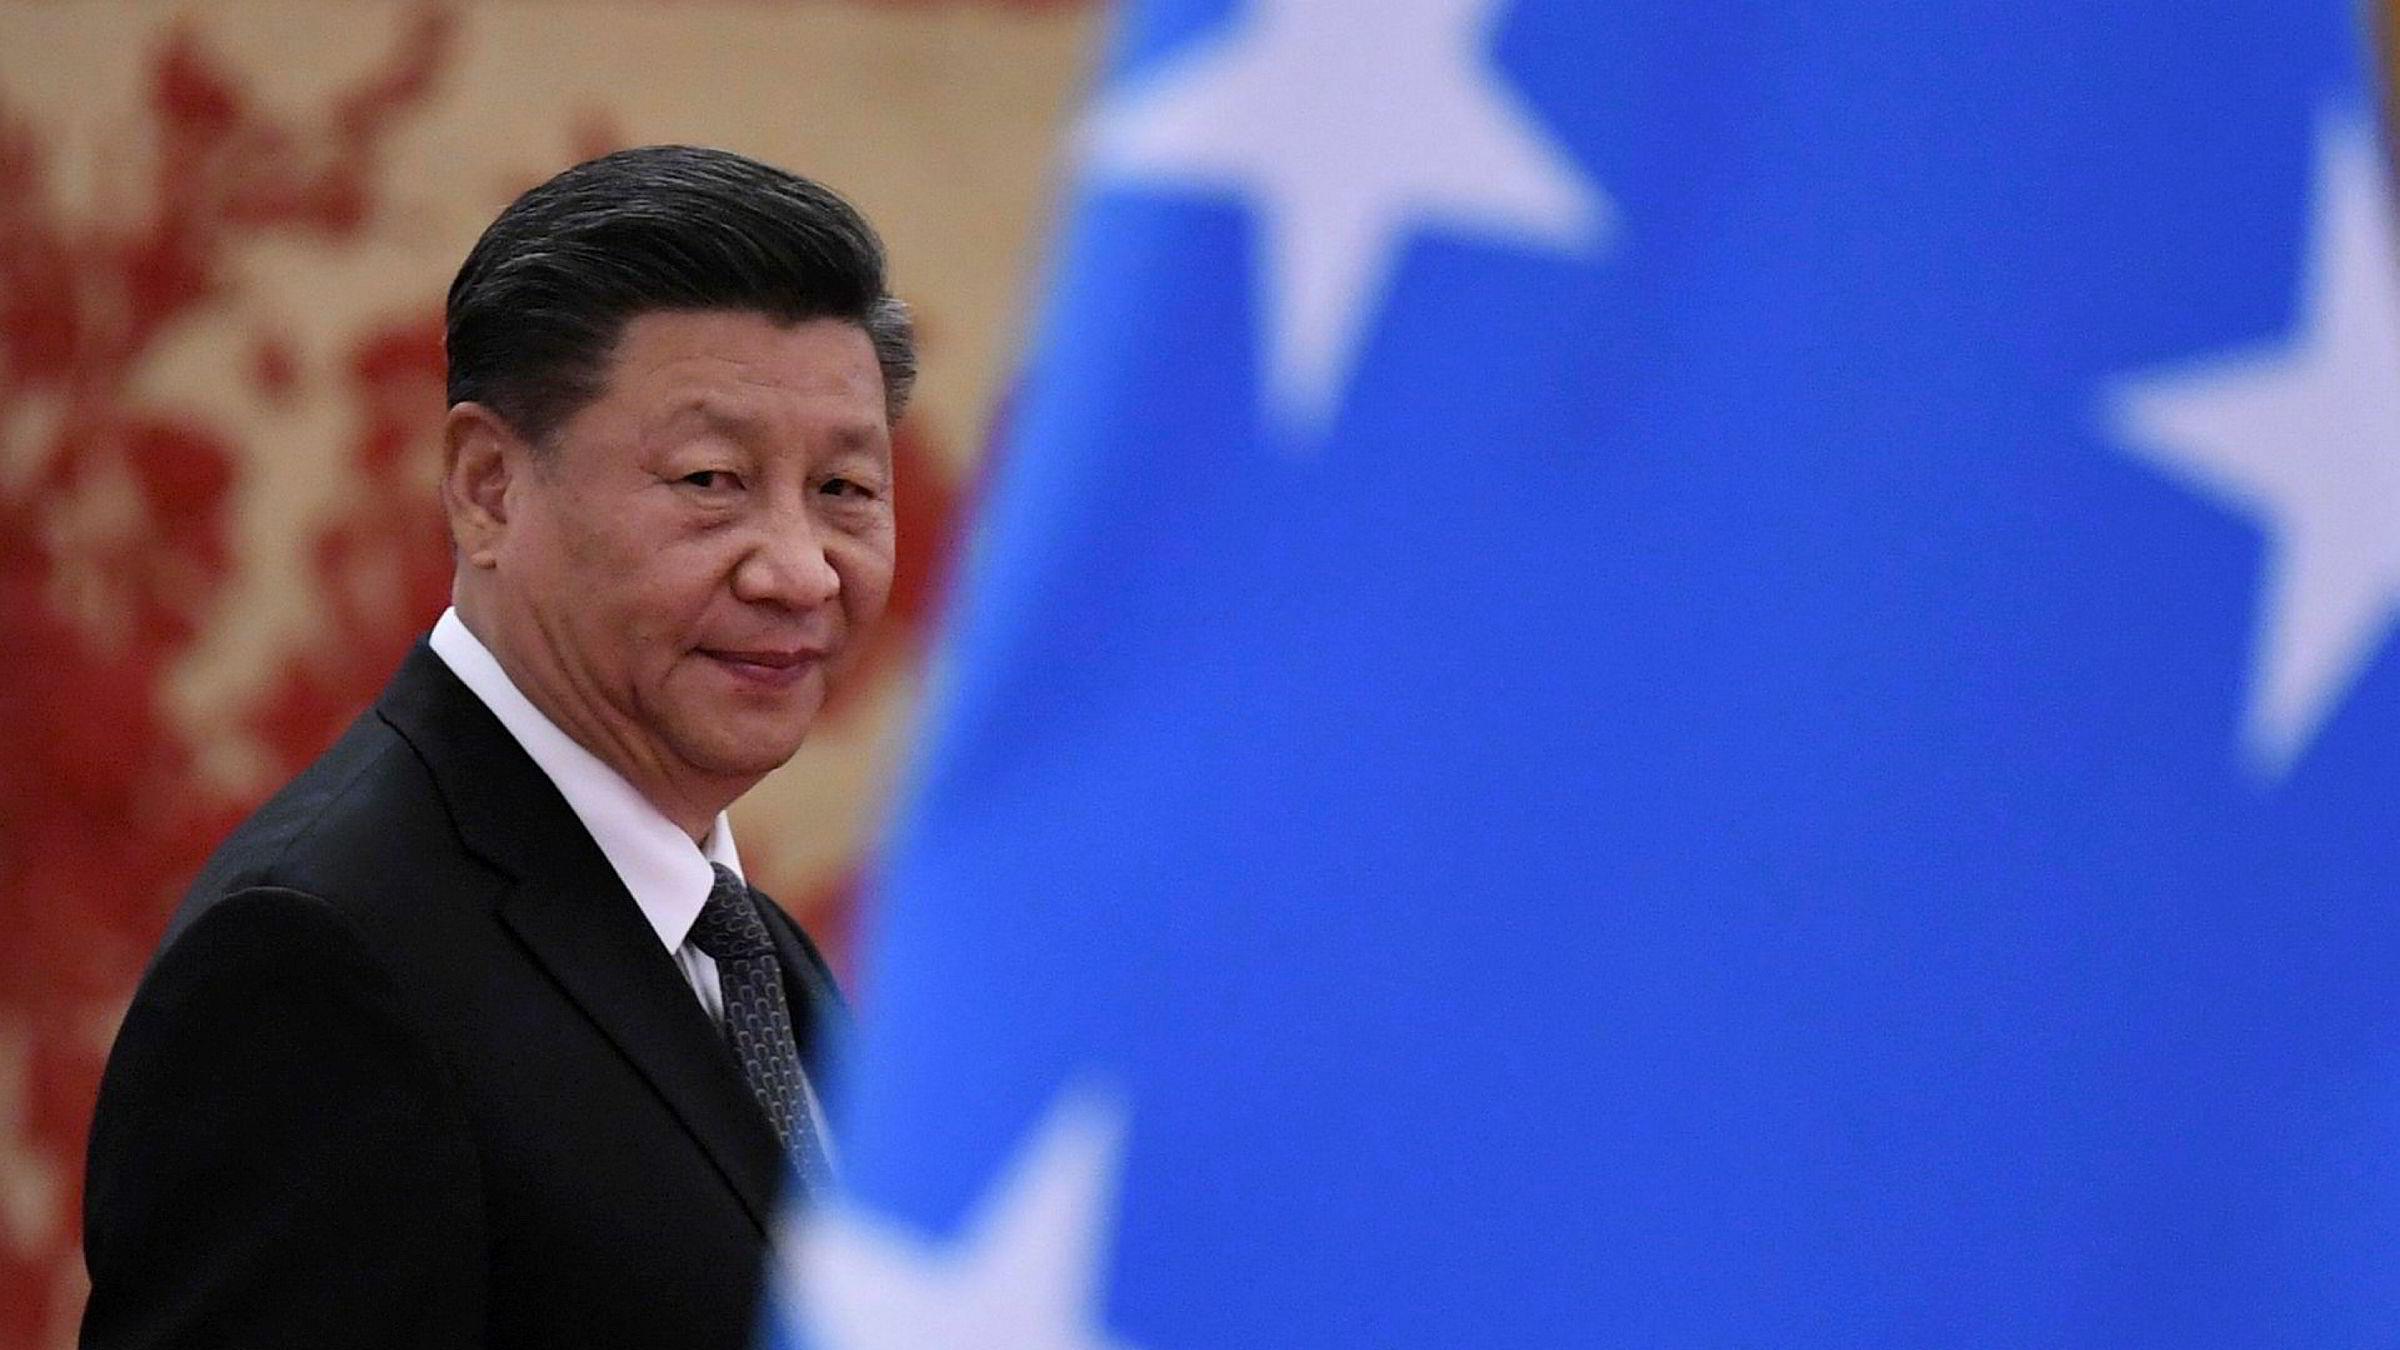 Forholdet mellom Kinas sterke mann Xi Jinping og Norge kan igjen bli vanskelig etter at Telenor har valgt Ericsson og ikke Huawei som hovedleverandør av 5G-nettverk i Norge.